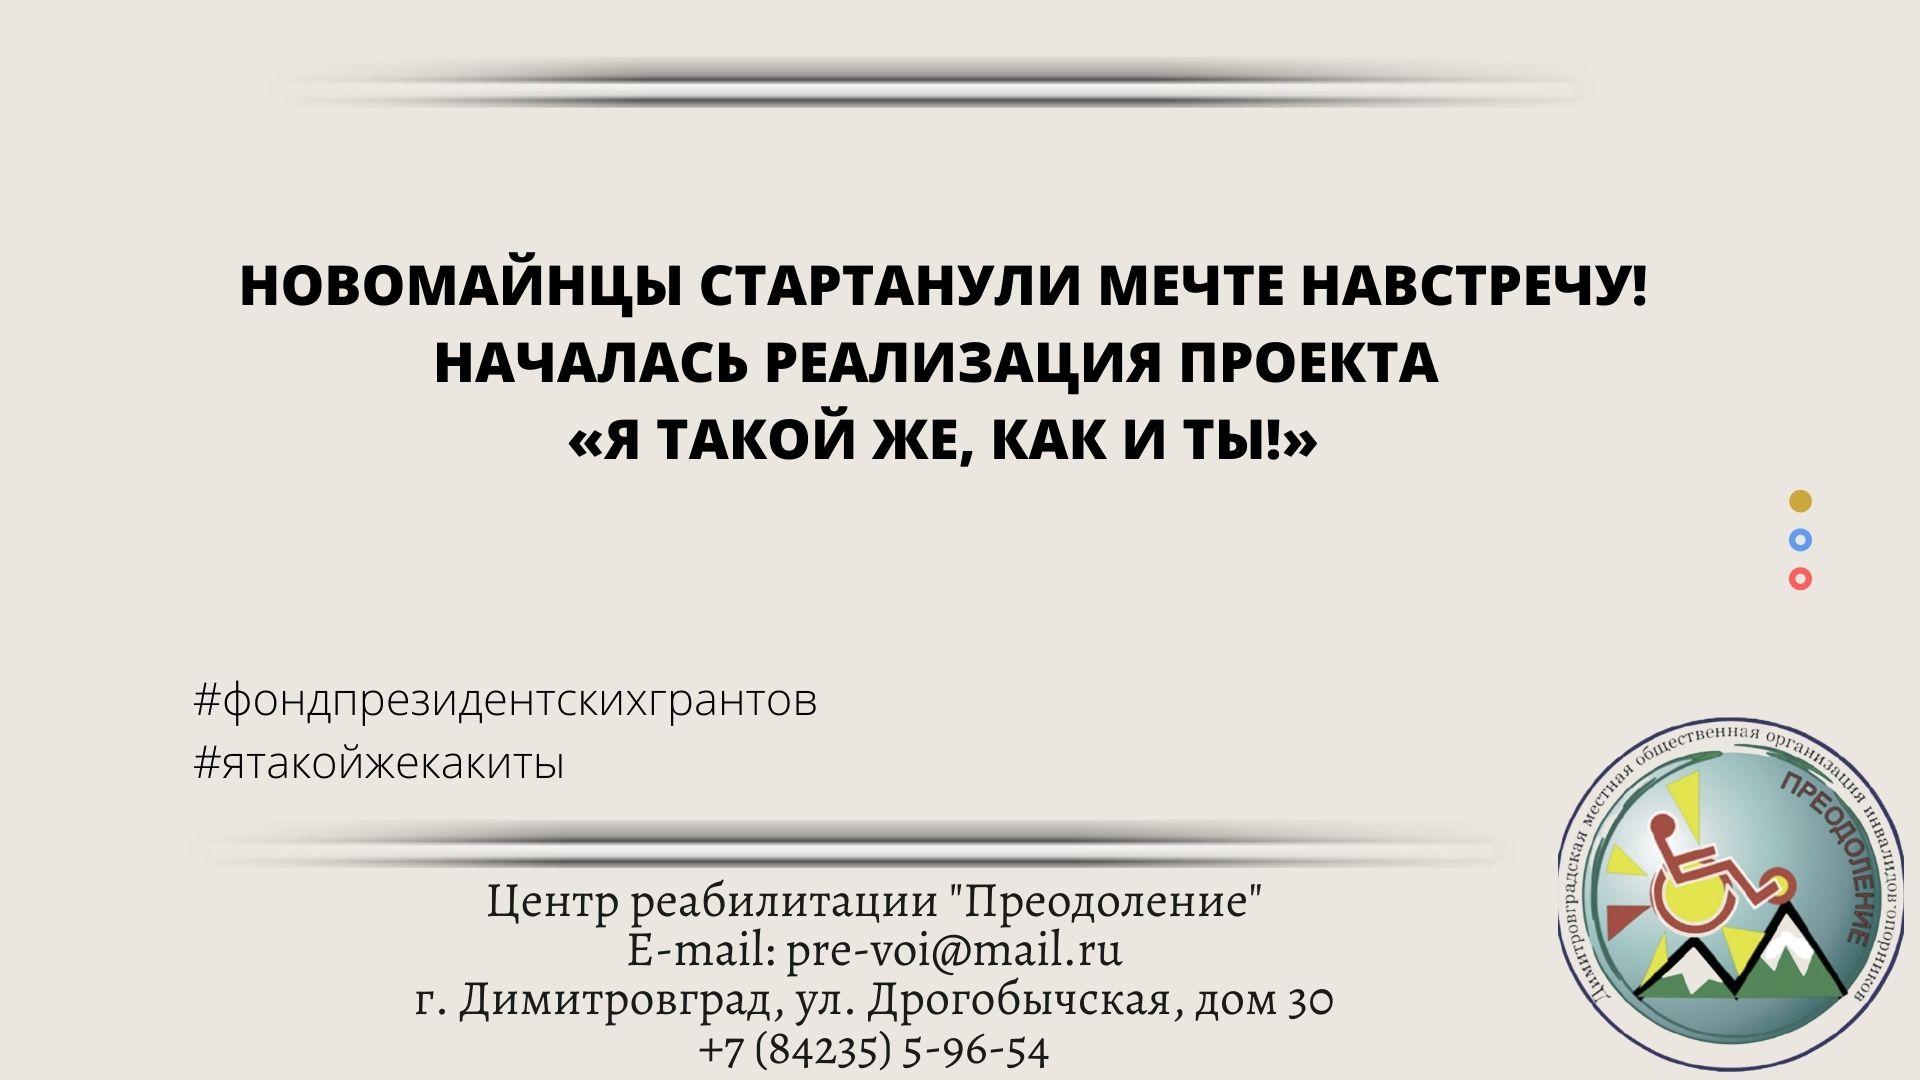 НОВОМАЙНЦЫ СТАРТАНУЛИ МЕЧТЕ НАВСТРЕЧУ! НАЧАЛАСЬ РЕАЛИЗАЦИЯ ПРОЕКТА «Я ТАКОЙ ЖЕ, КАК И ТЫ!»